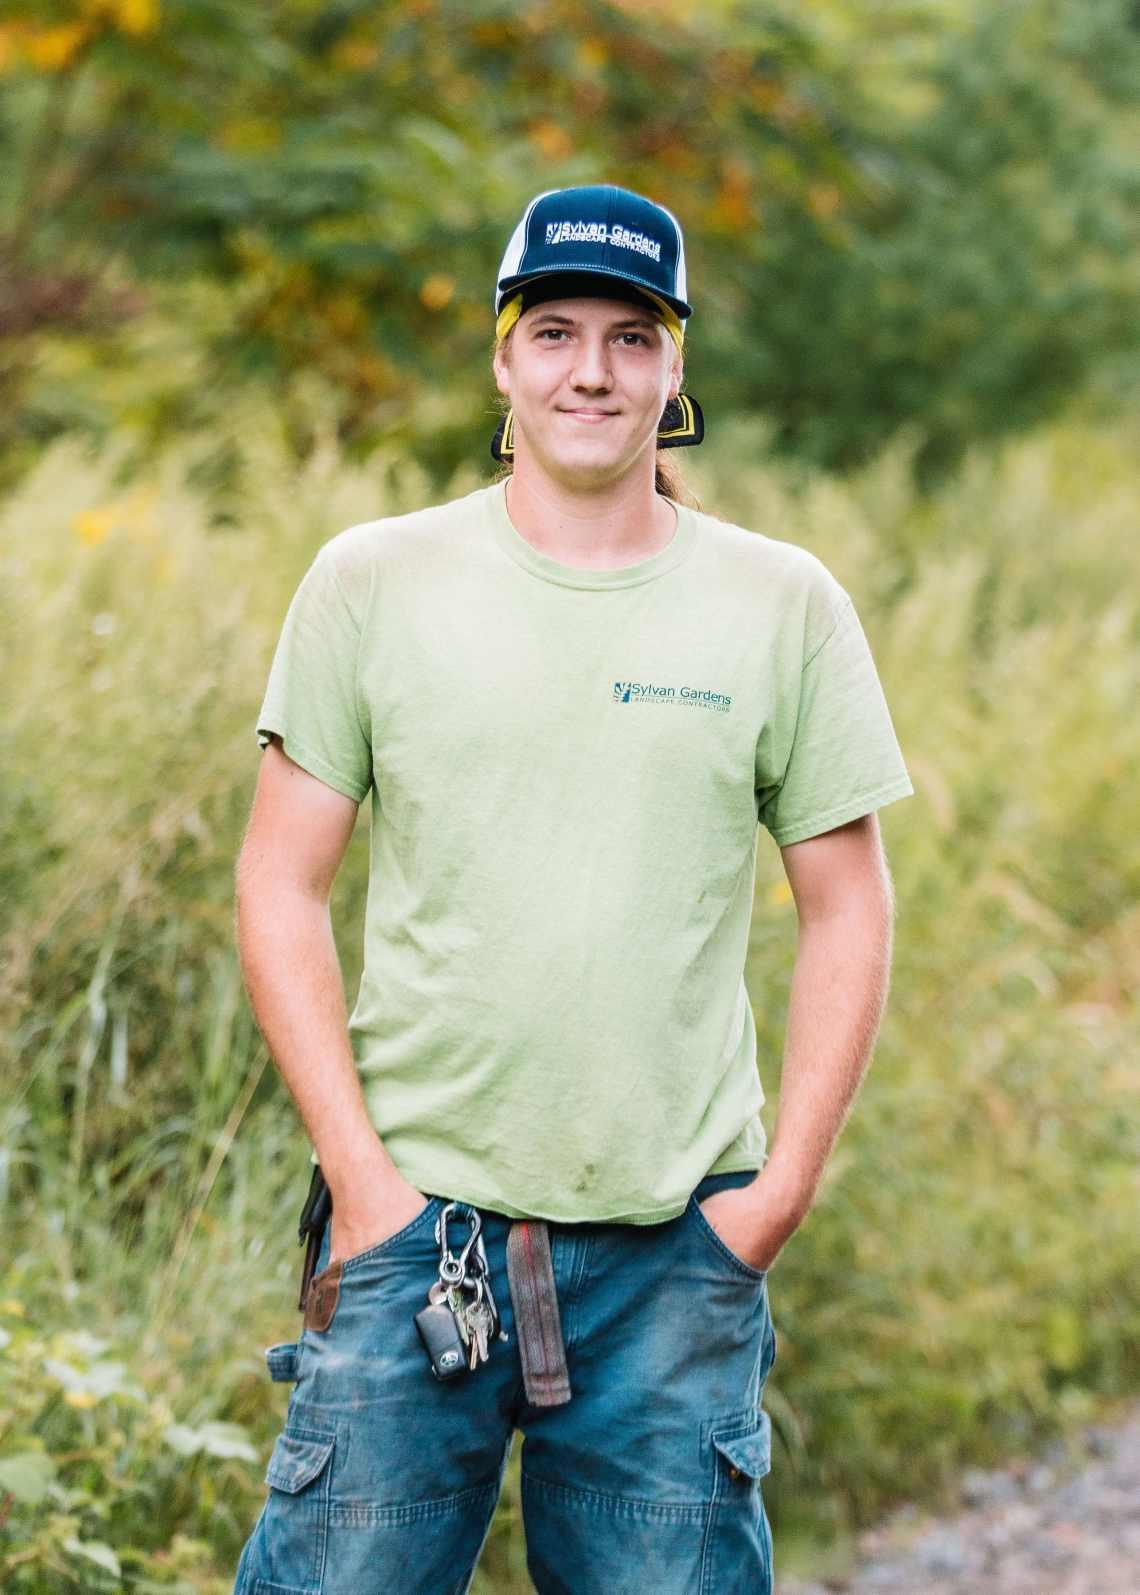 Jake Donaldson